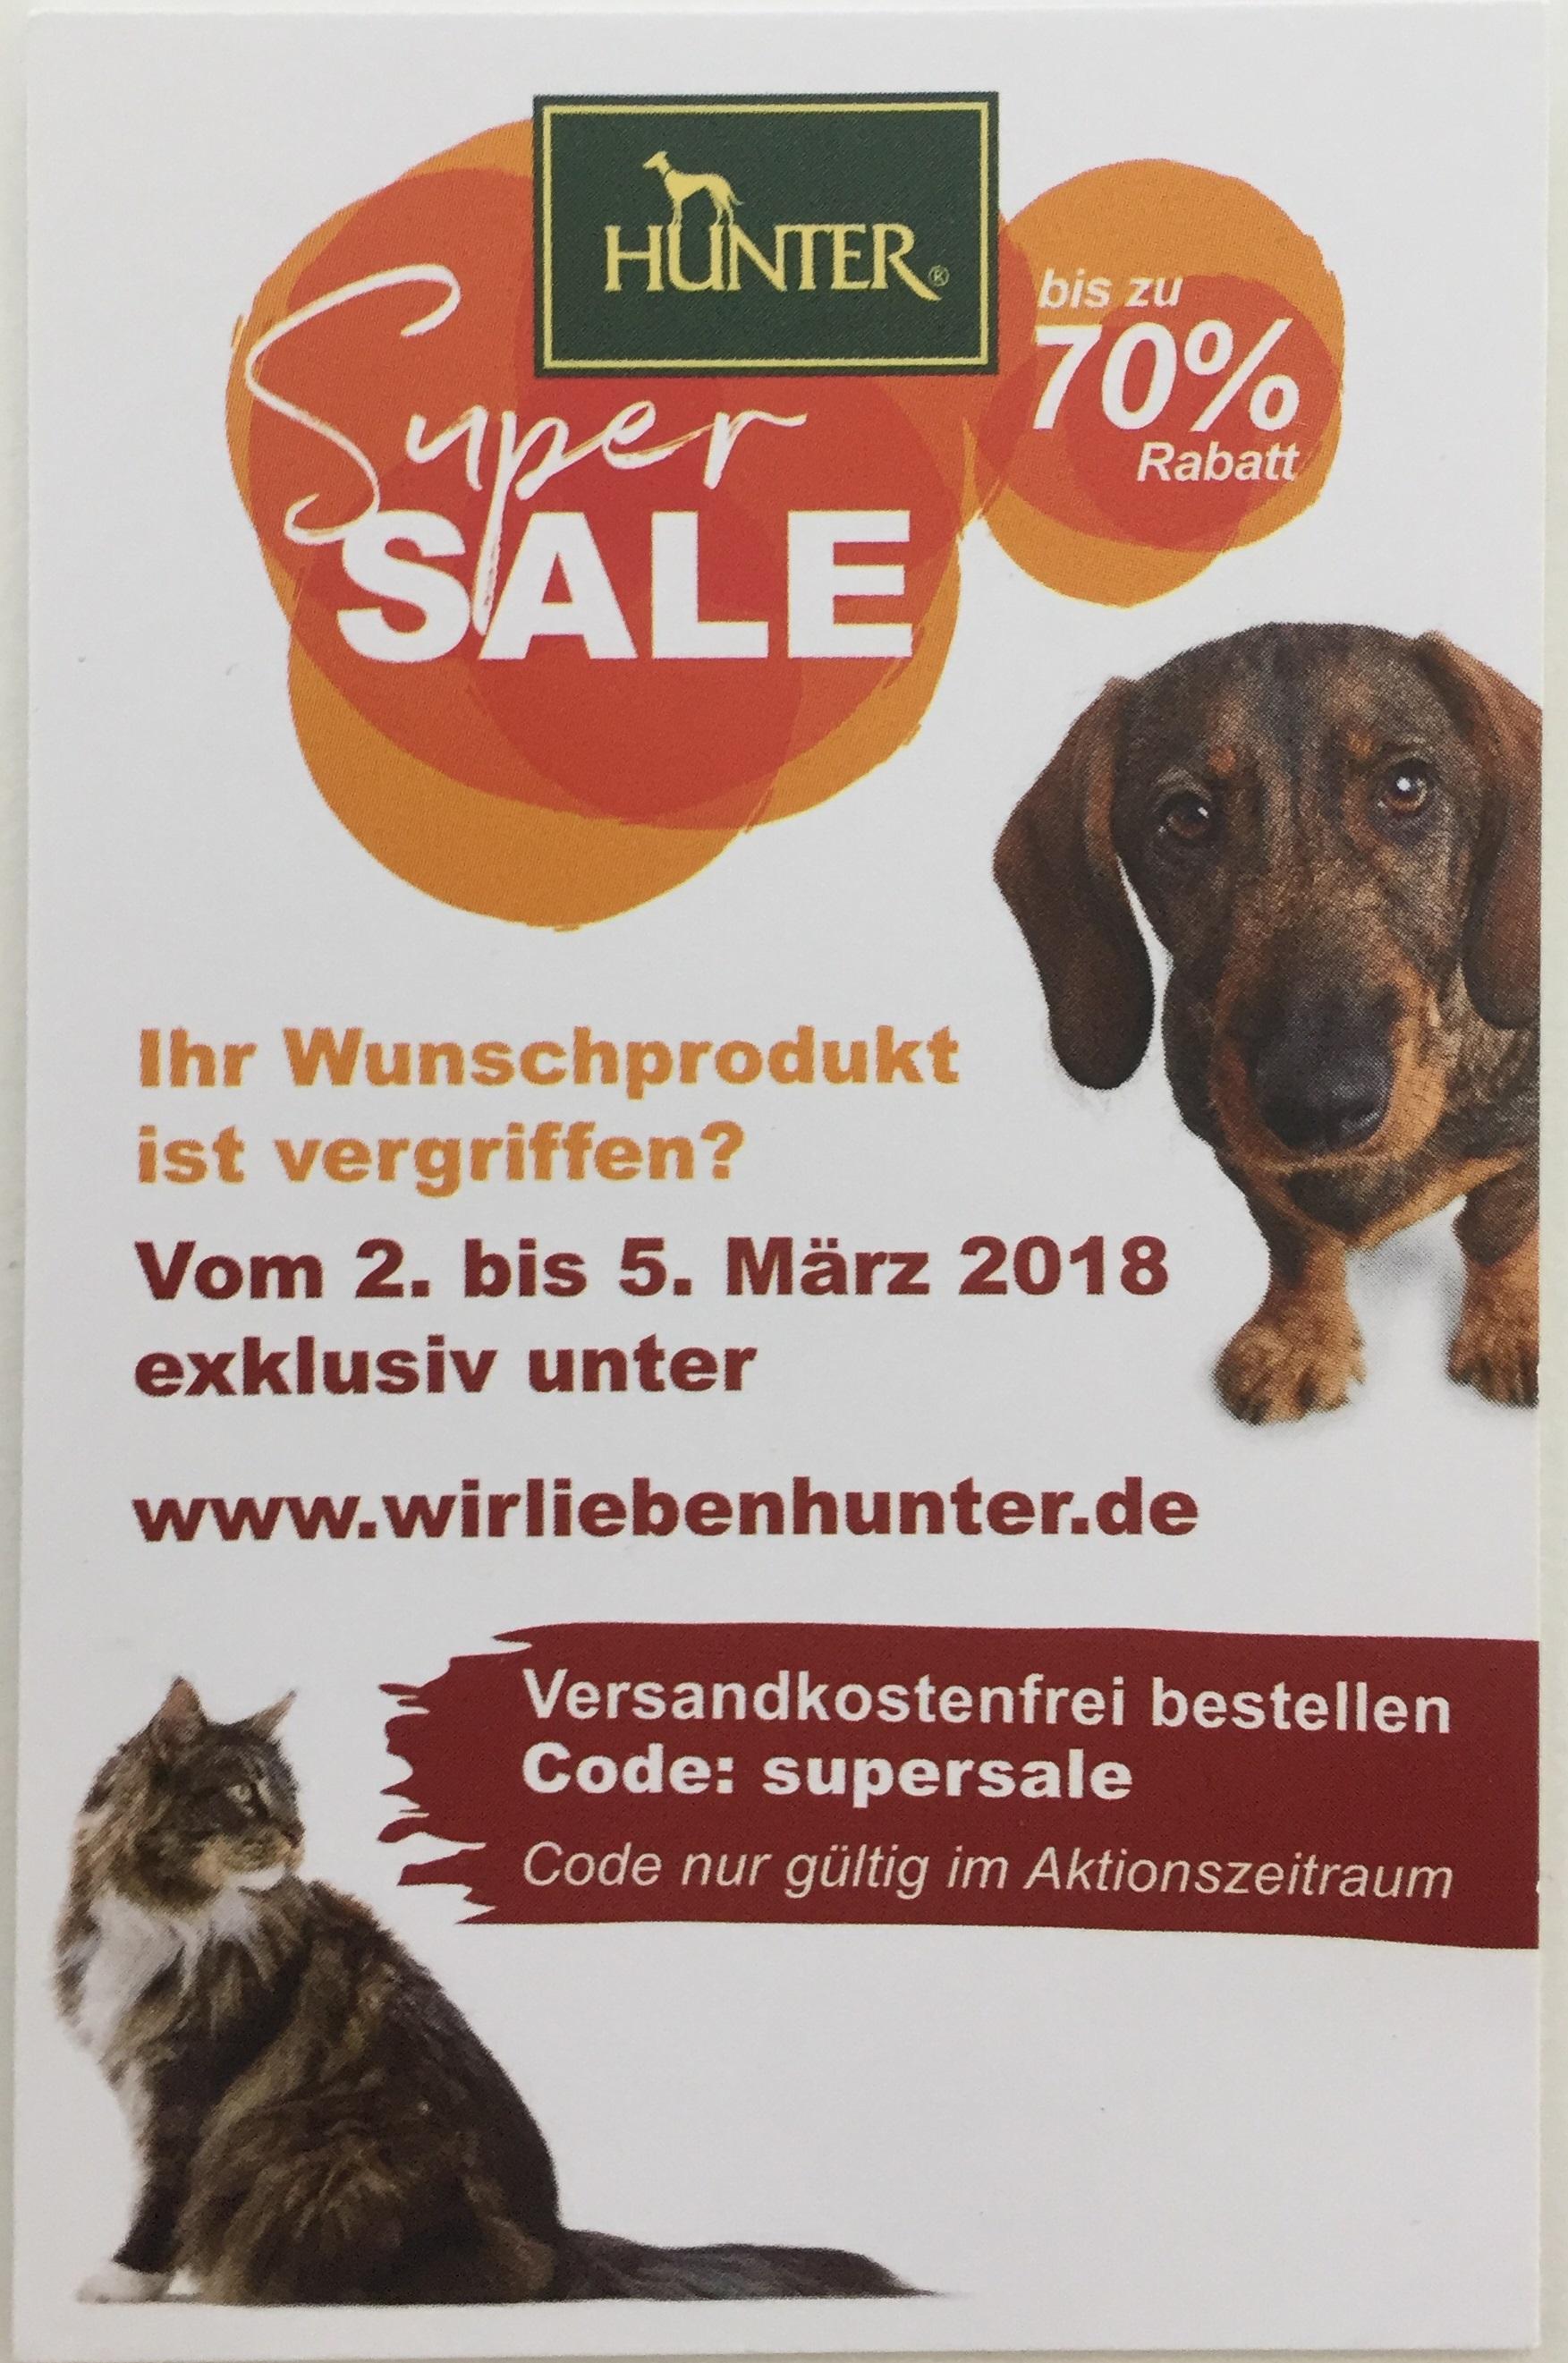 Super Sale (bis zu 70 % Rabatt) und versandkostenfreie Lieferung